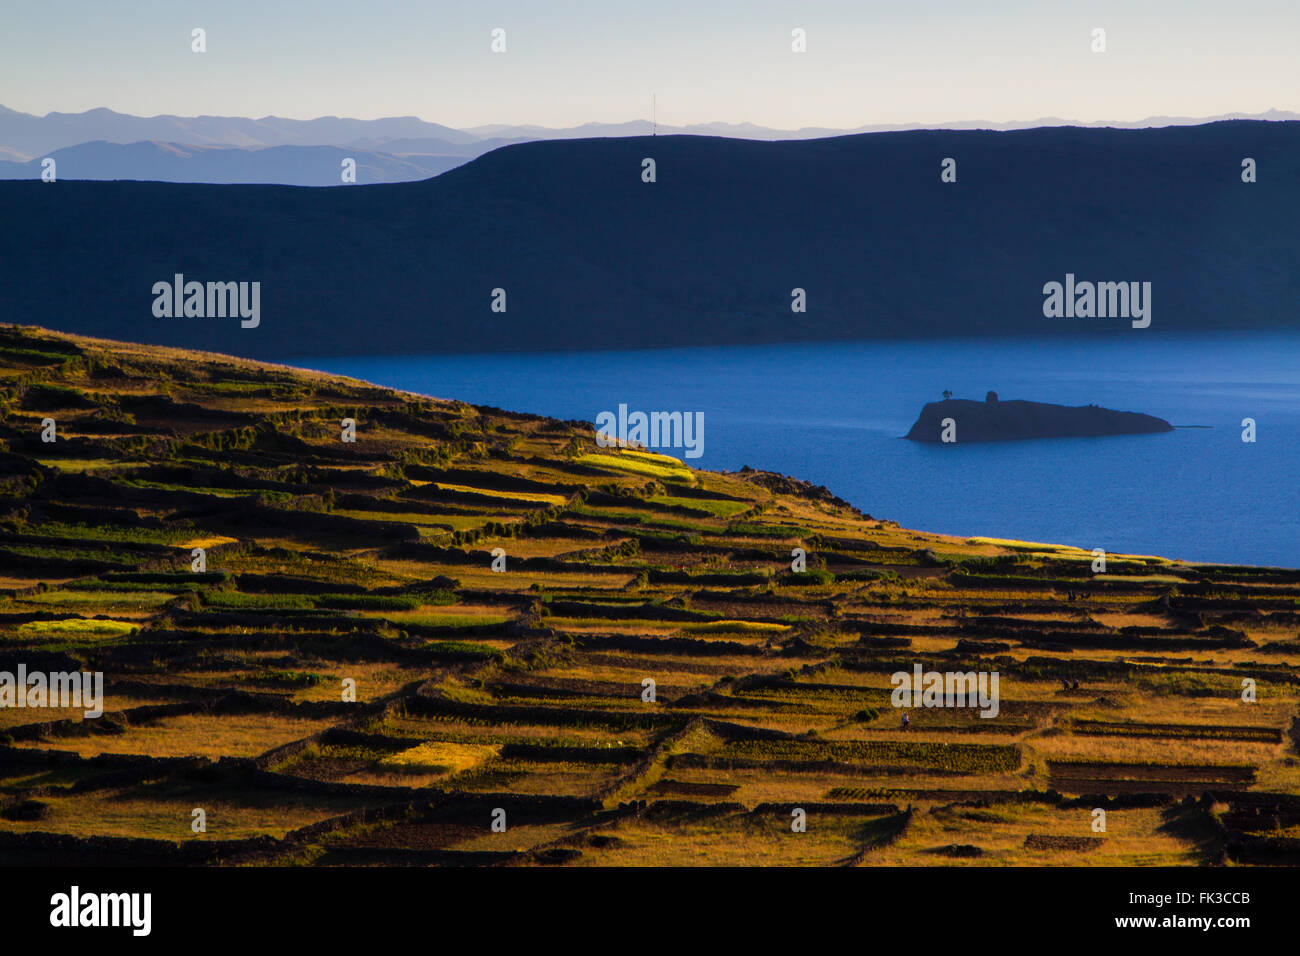 Farm fields, Amantani Island, Lake Titikaka, Peru - Stock Image